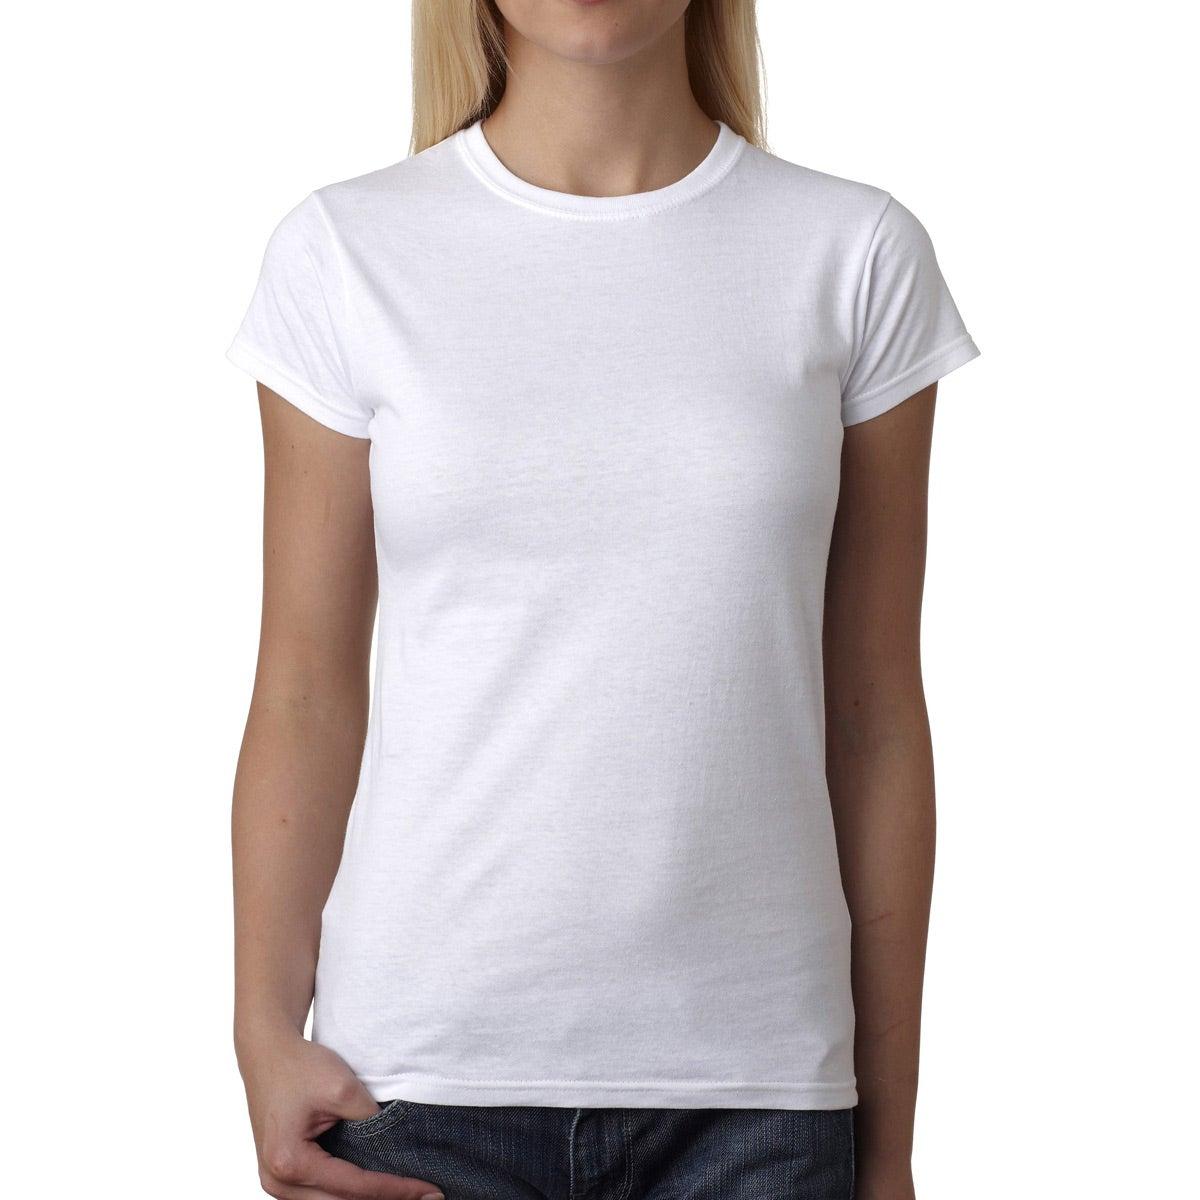 women's t shirt white